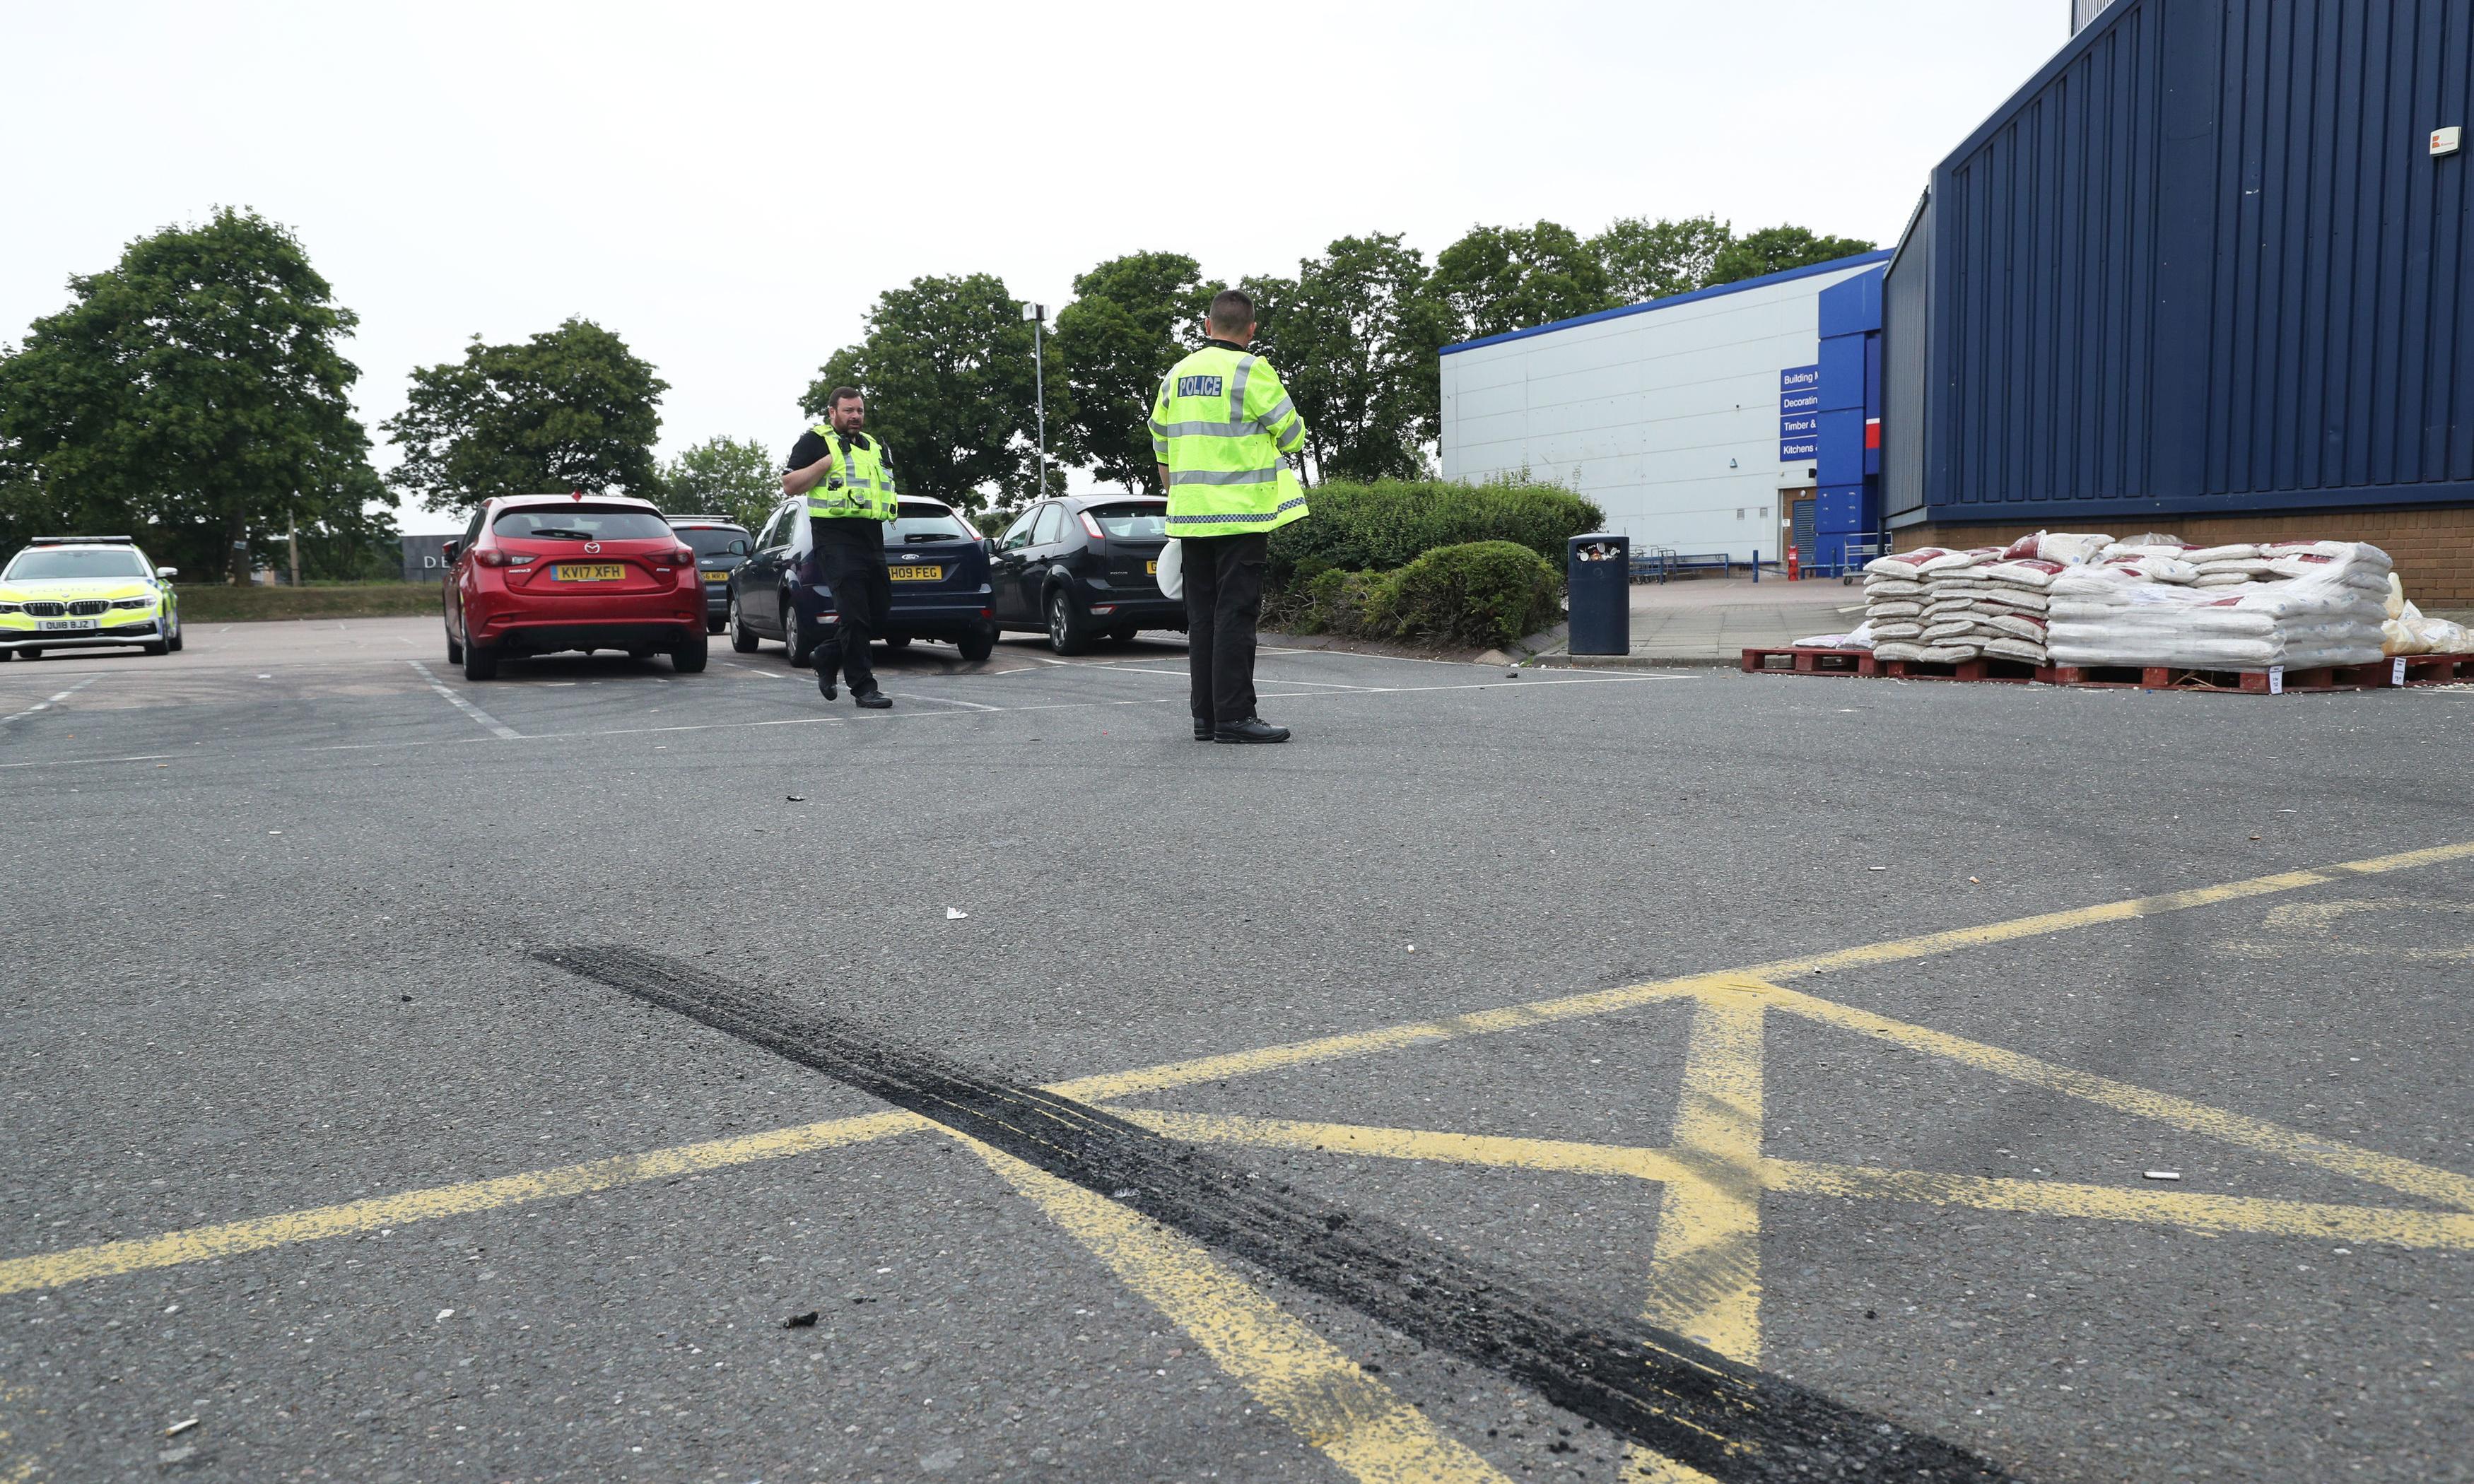 Residents attack lack of organisation after crash at Stevenage car meet